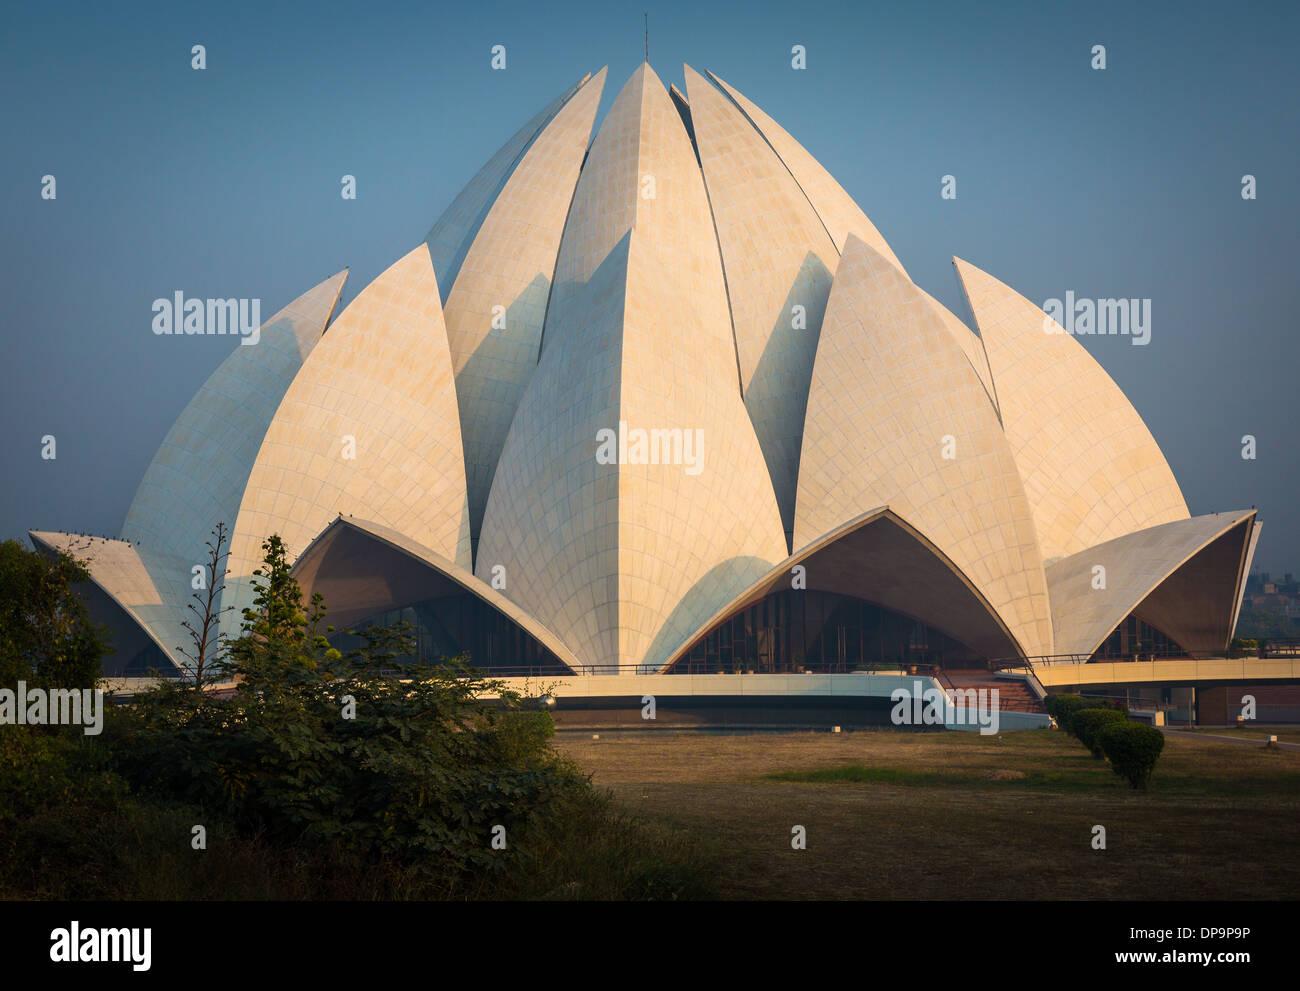 Il Tempio del Loto, situato a Nuova Delhi, in India, è un Bahá'í casa di culto Immagini Stock